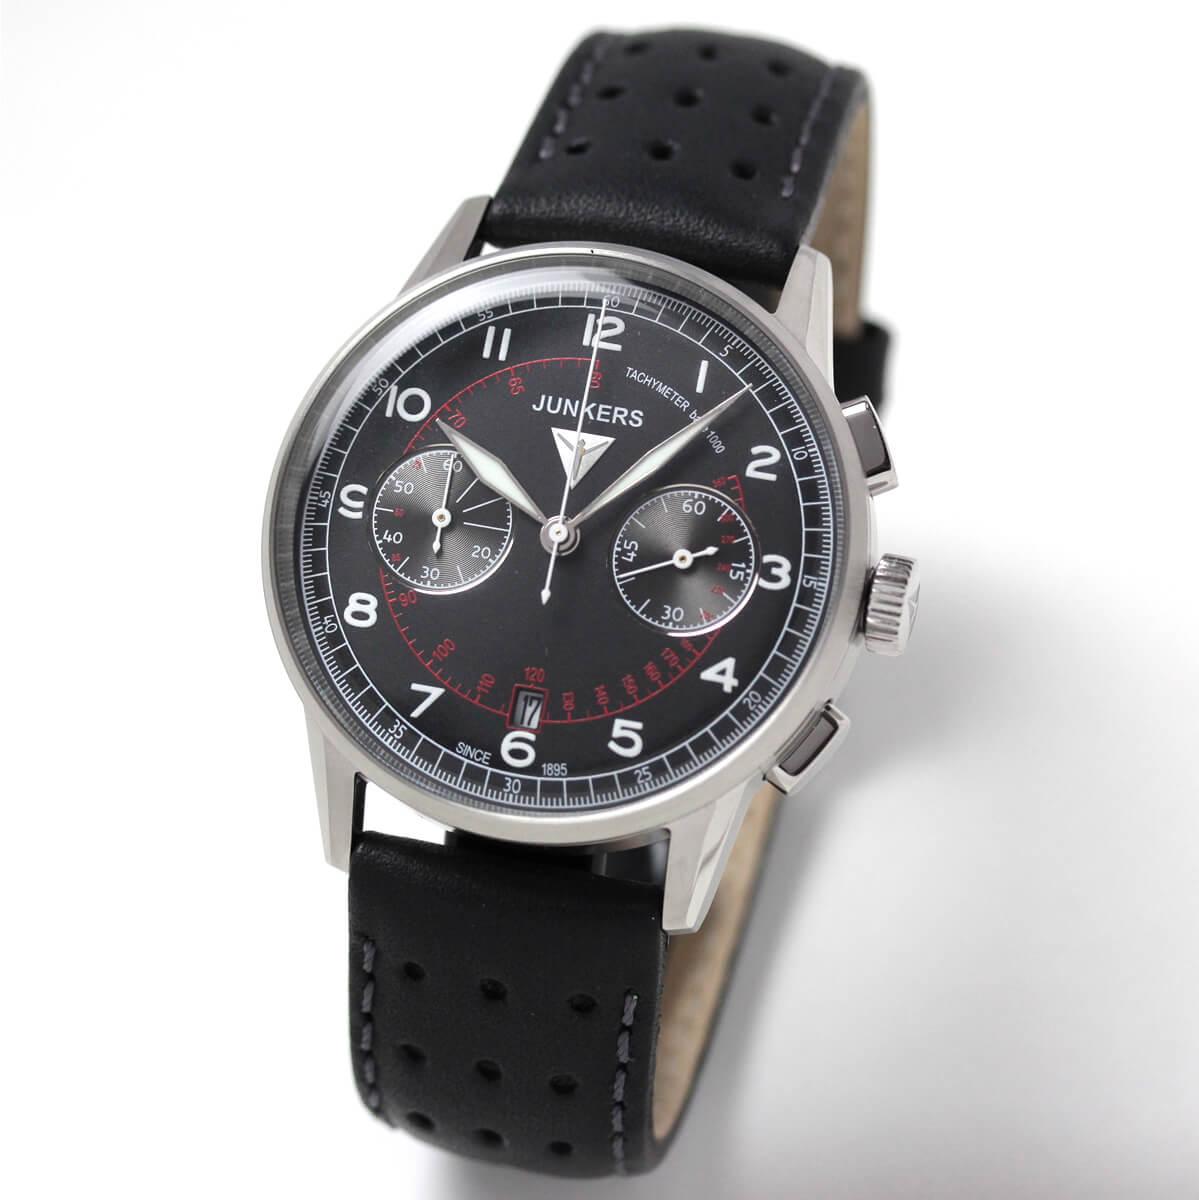 JUNKERS(ユンカース)/クォーツ クロノグラフ G38/6970-2QZ/腕時計